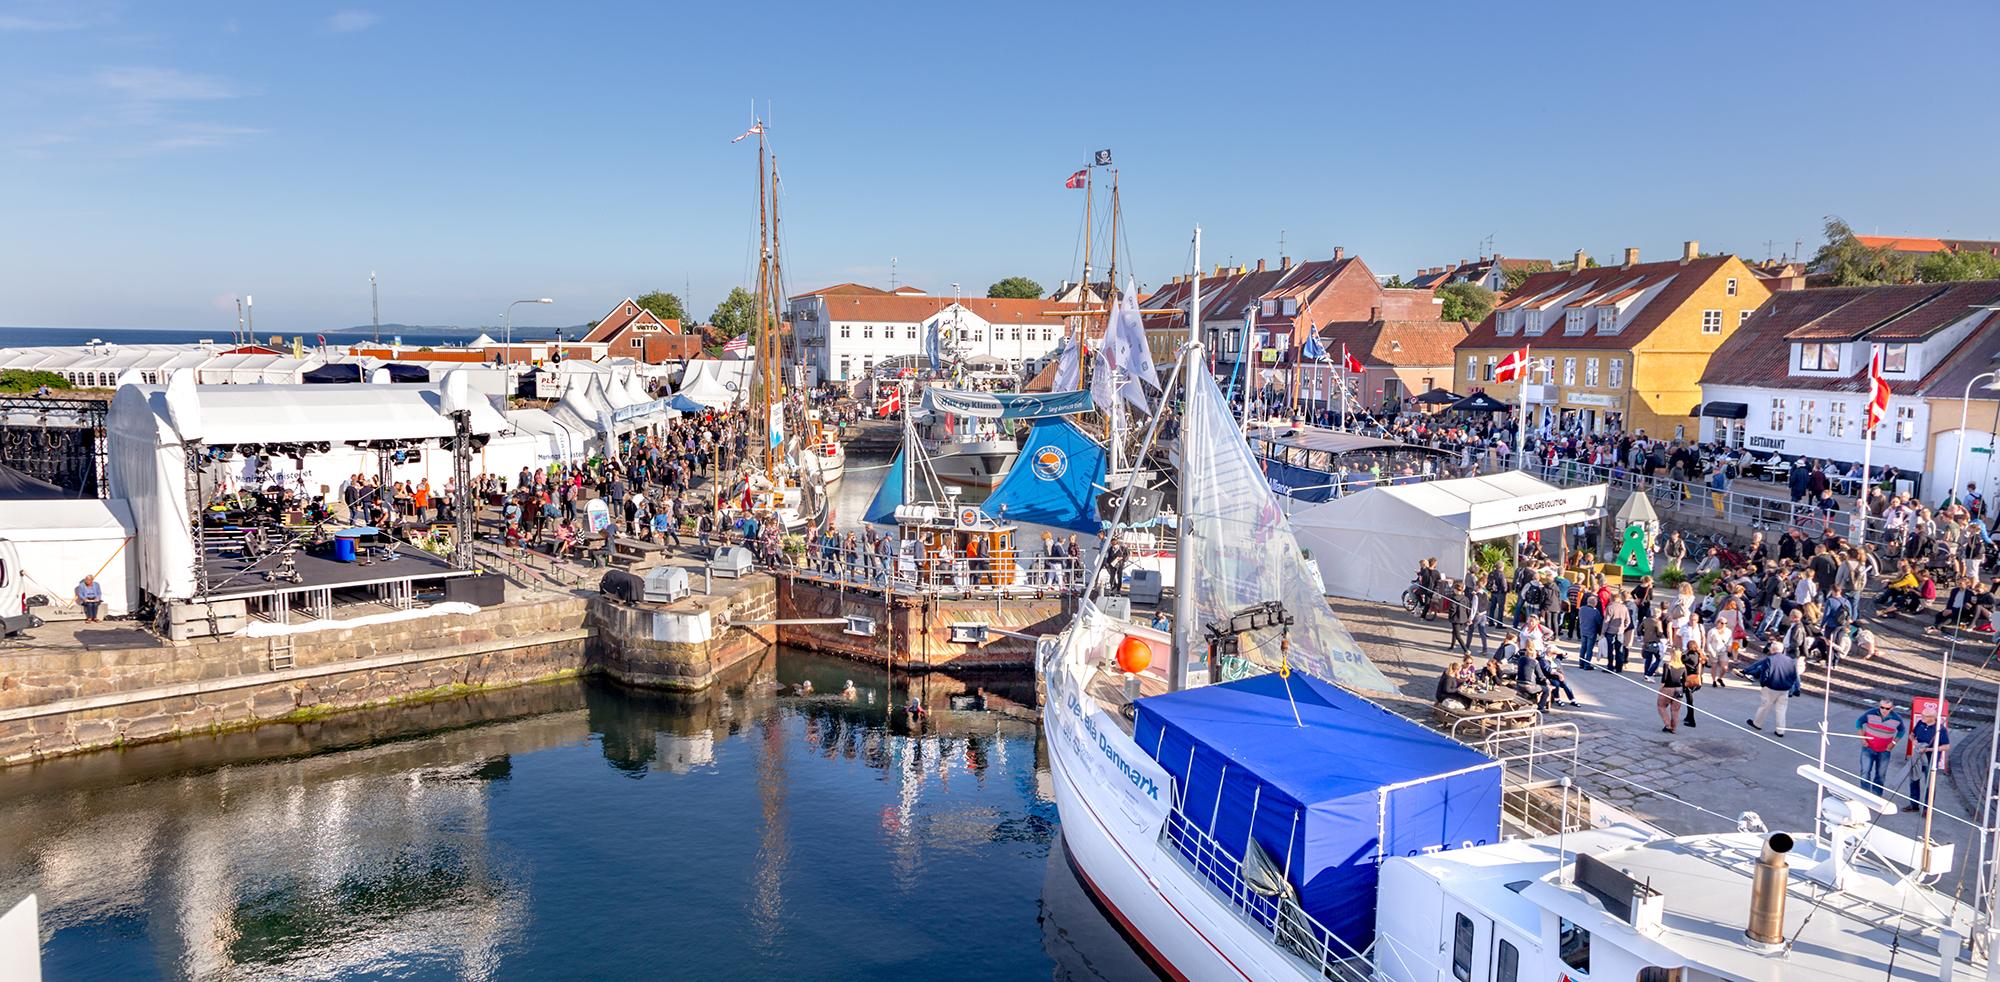 Bornholm har årligt cirka 600.000 turister fra ind- og udland, cirka halvdelen af dem besøger Bornholm i løbet af blot seks uger hen over sommerferien. Øens største trækplaster er Folkemødet, hvorfra billedet stammer. Pressefoto: Destination Bornholm.